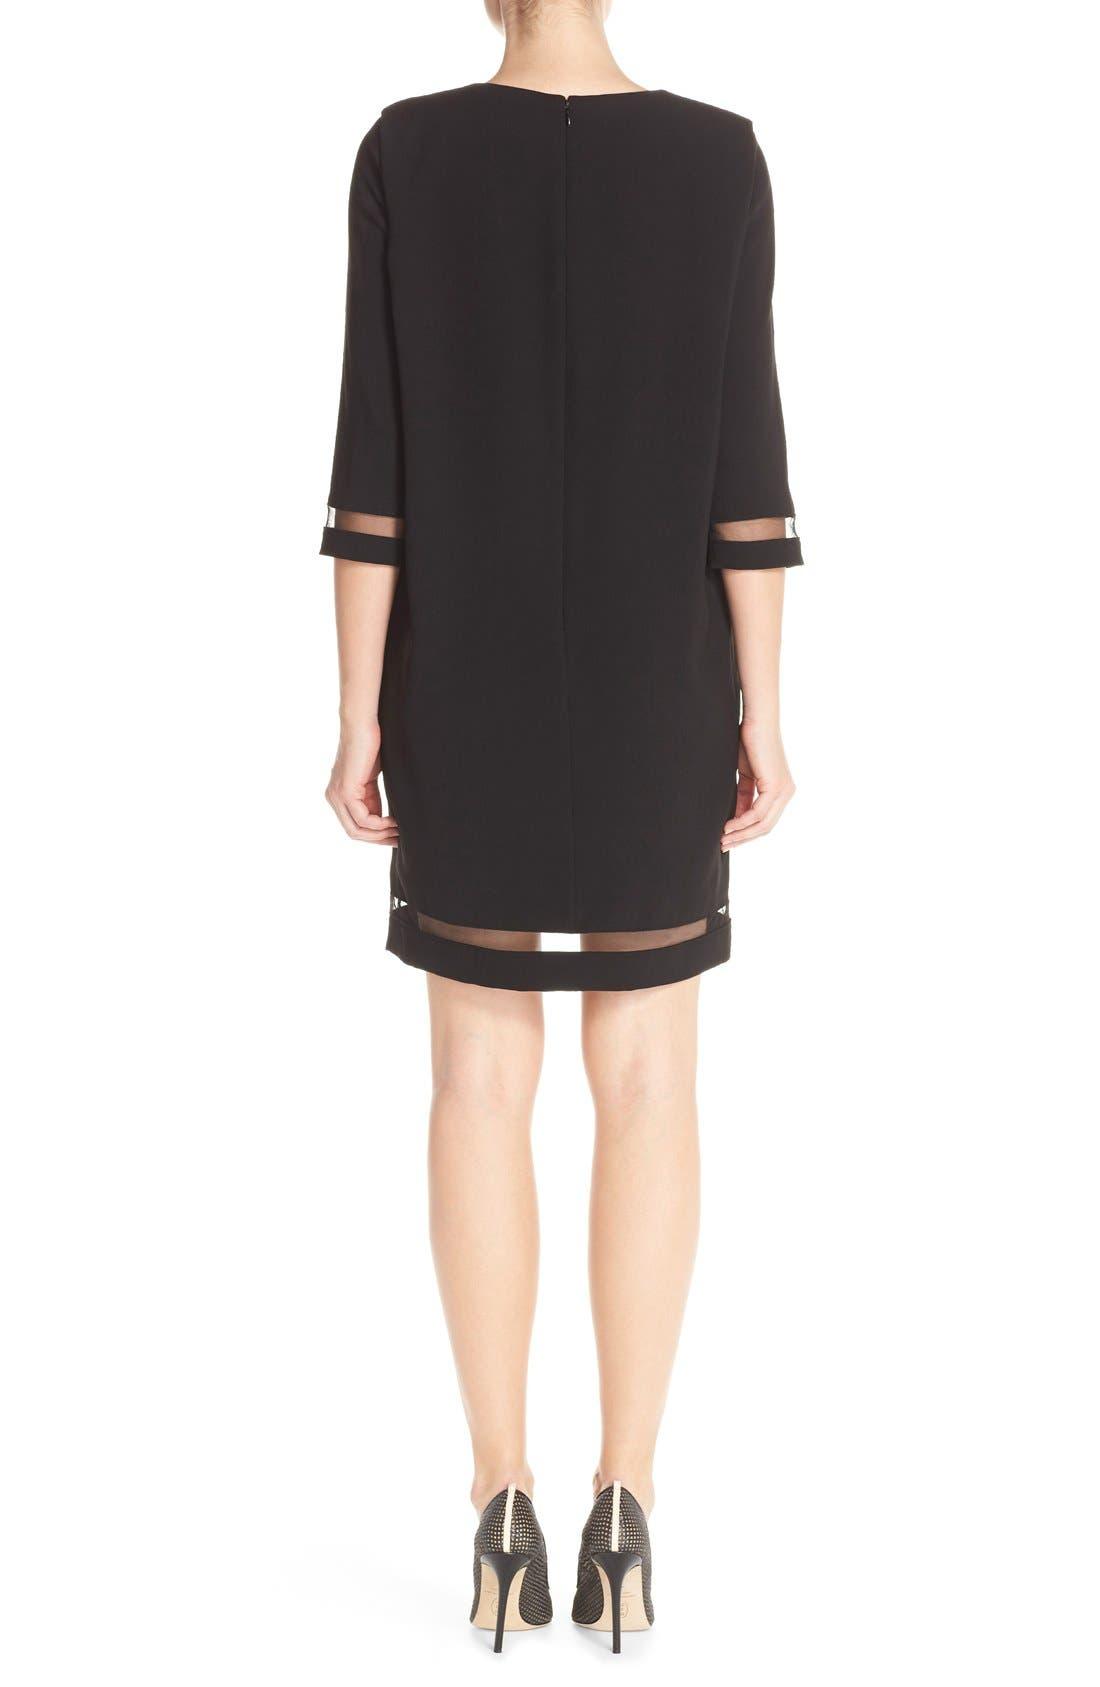 Alternate Image 2  - Tahari Crepe Shift Dress with Mesh Trim (Regular & Petite)